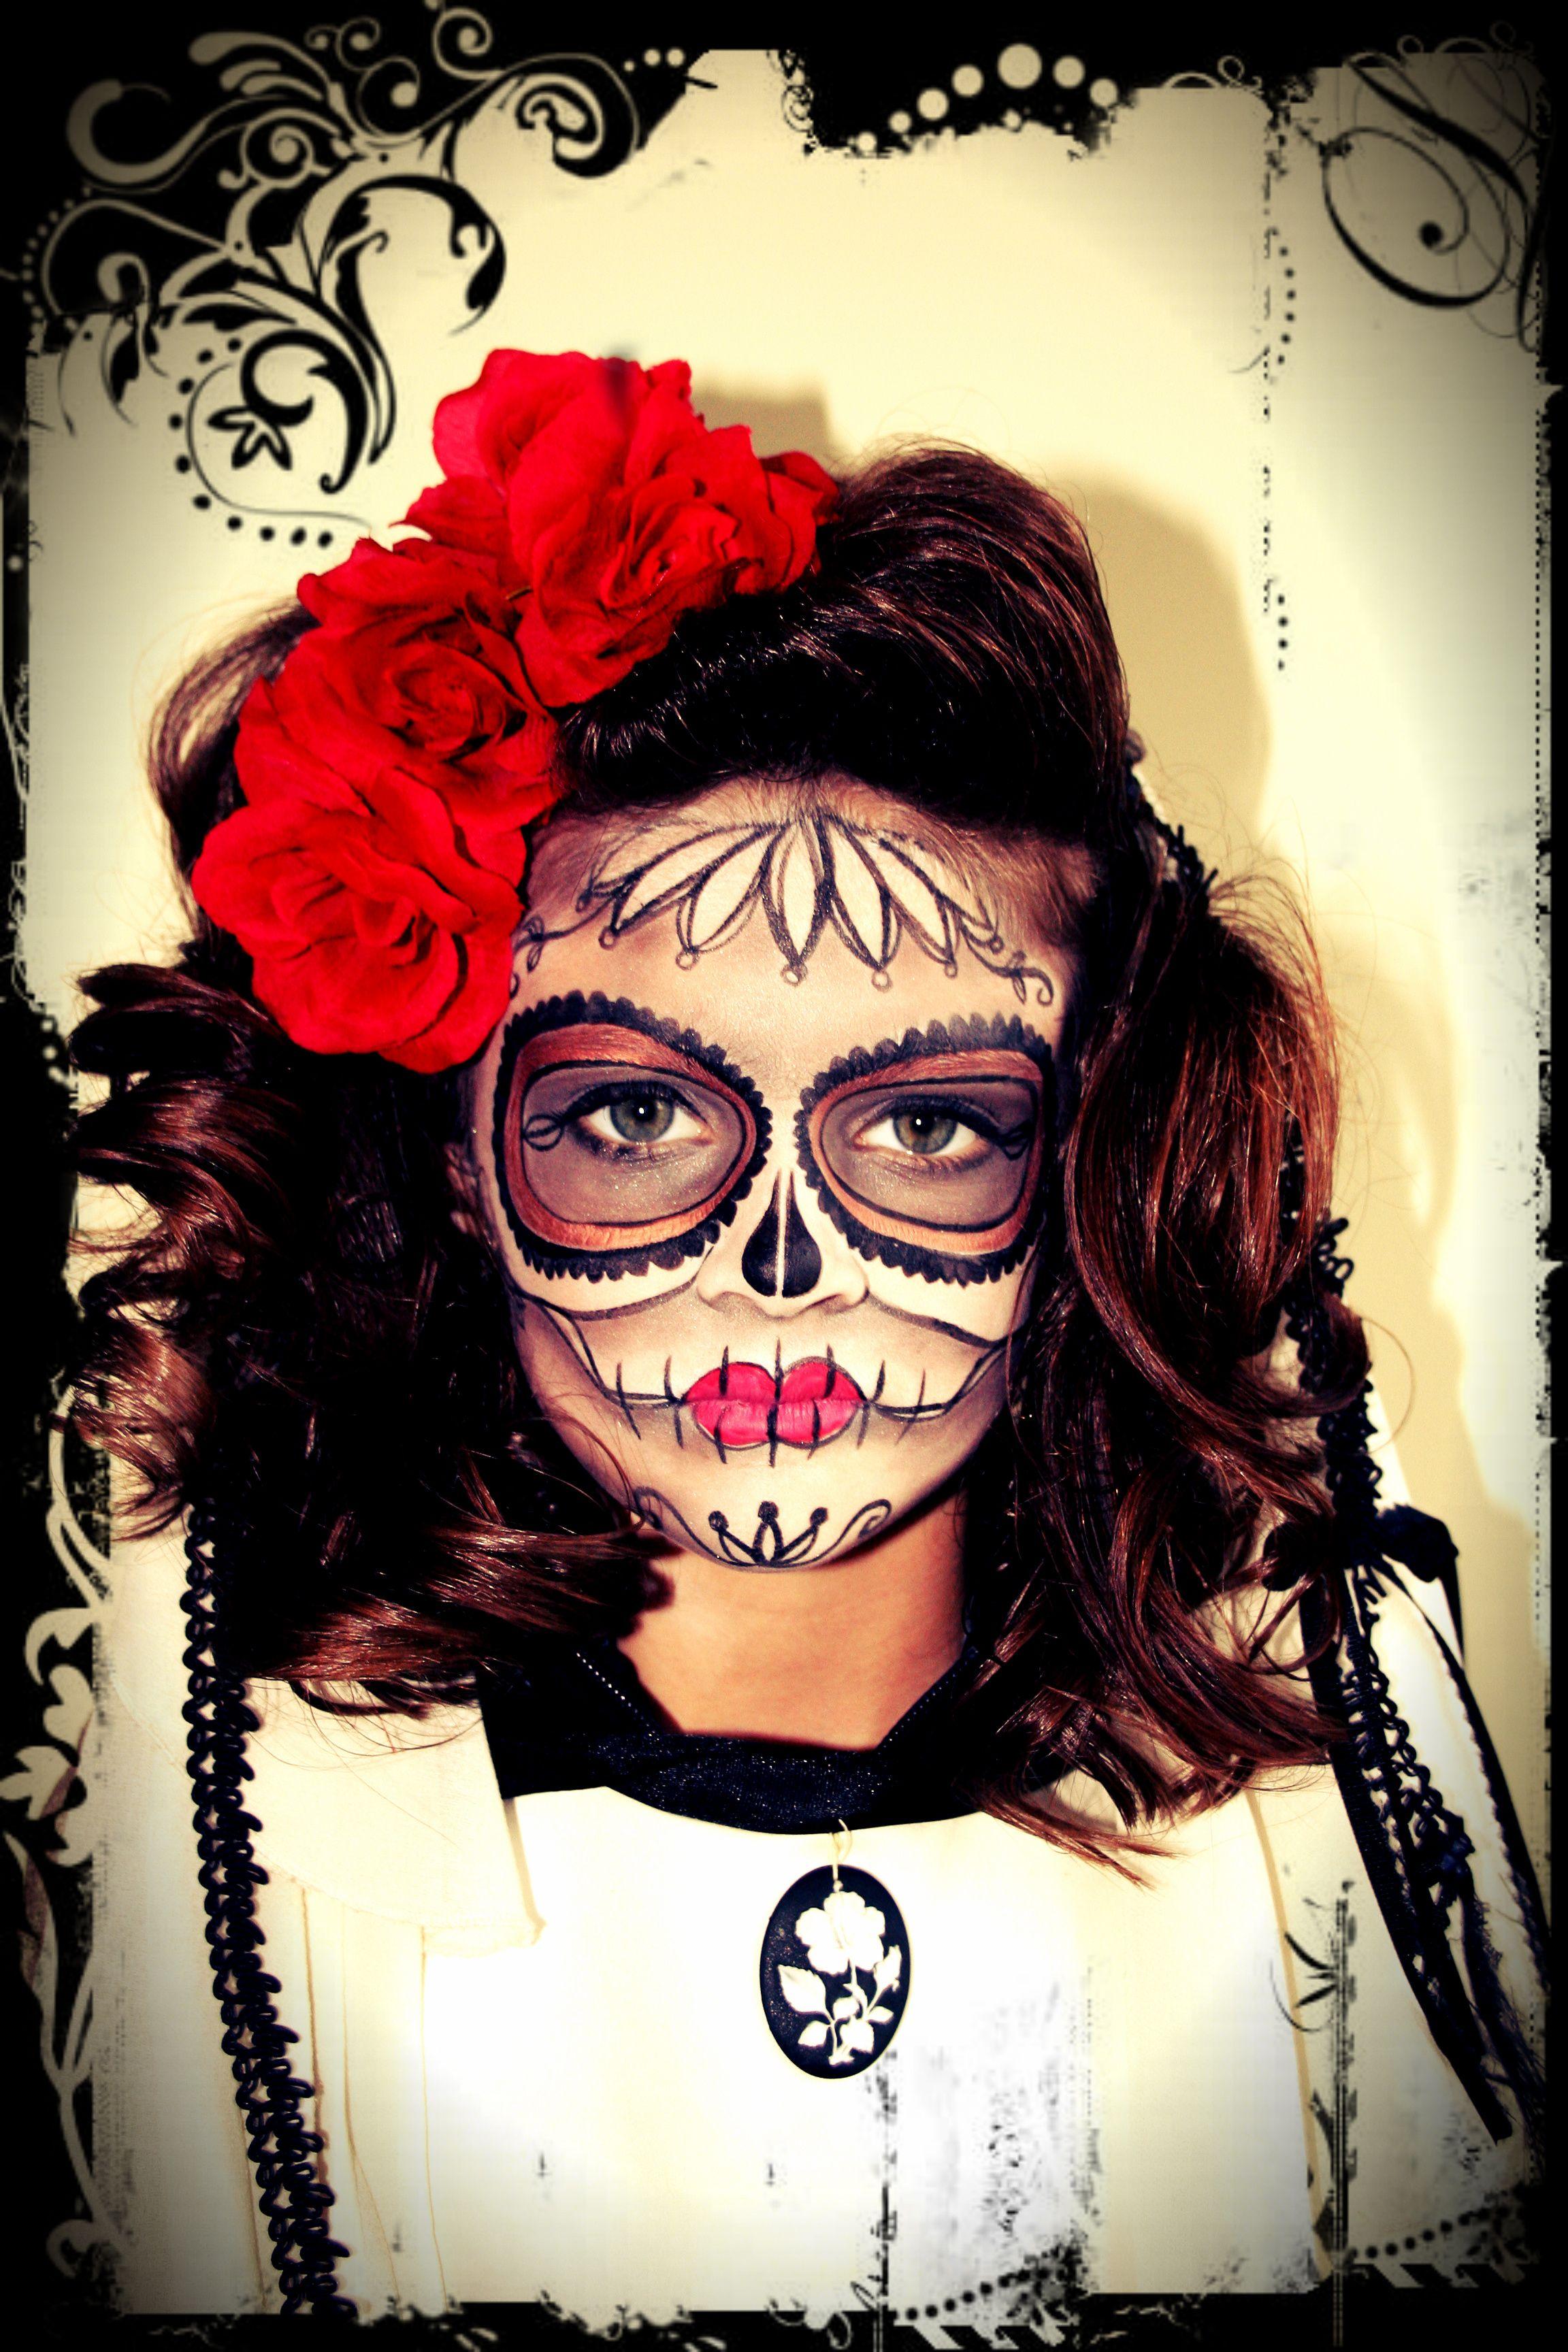 Pin on Halloween Día de los Muertos or Day of the Dead